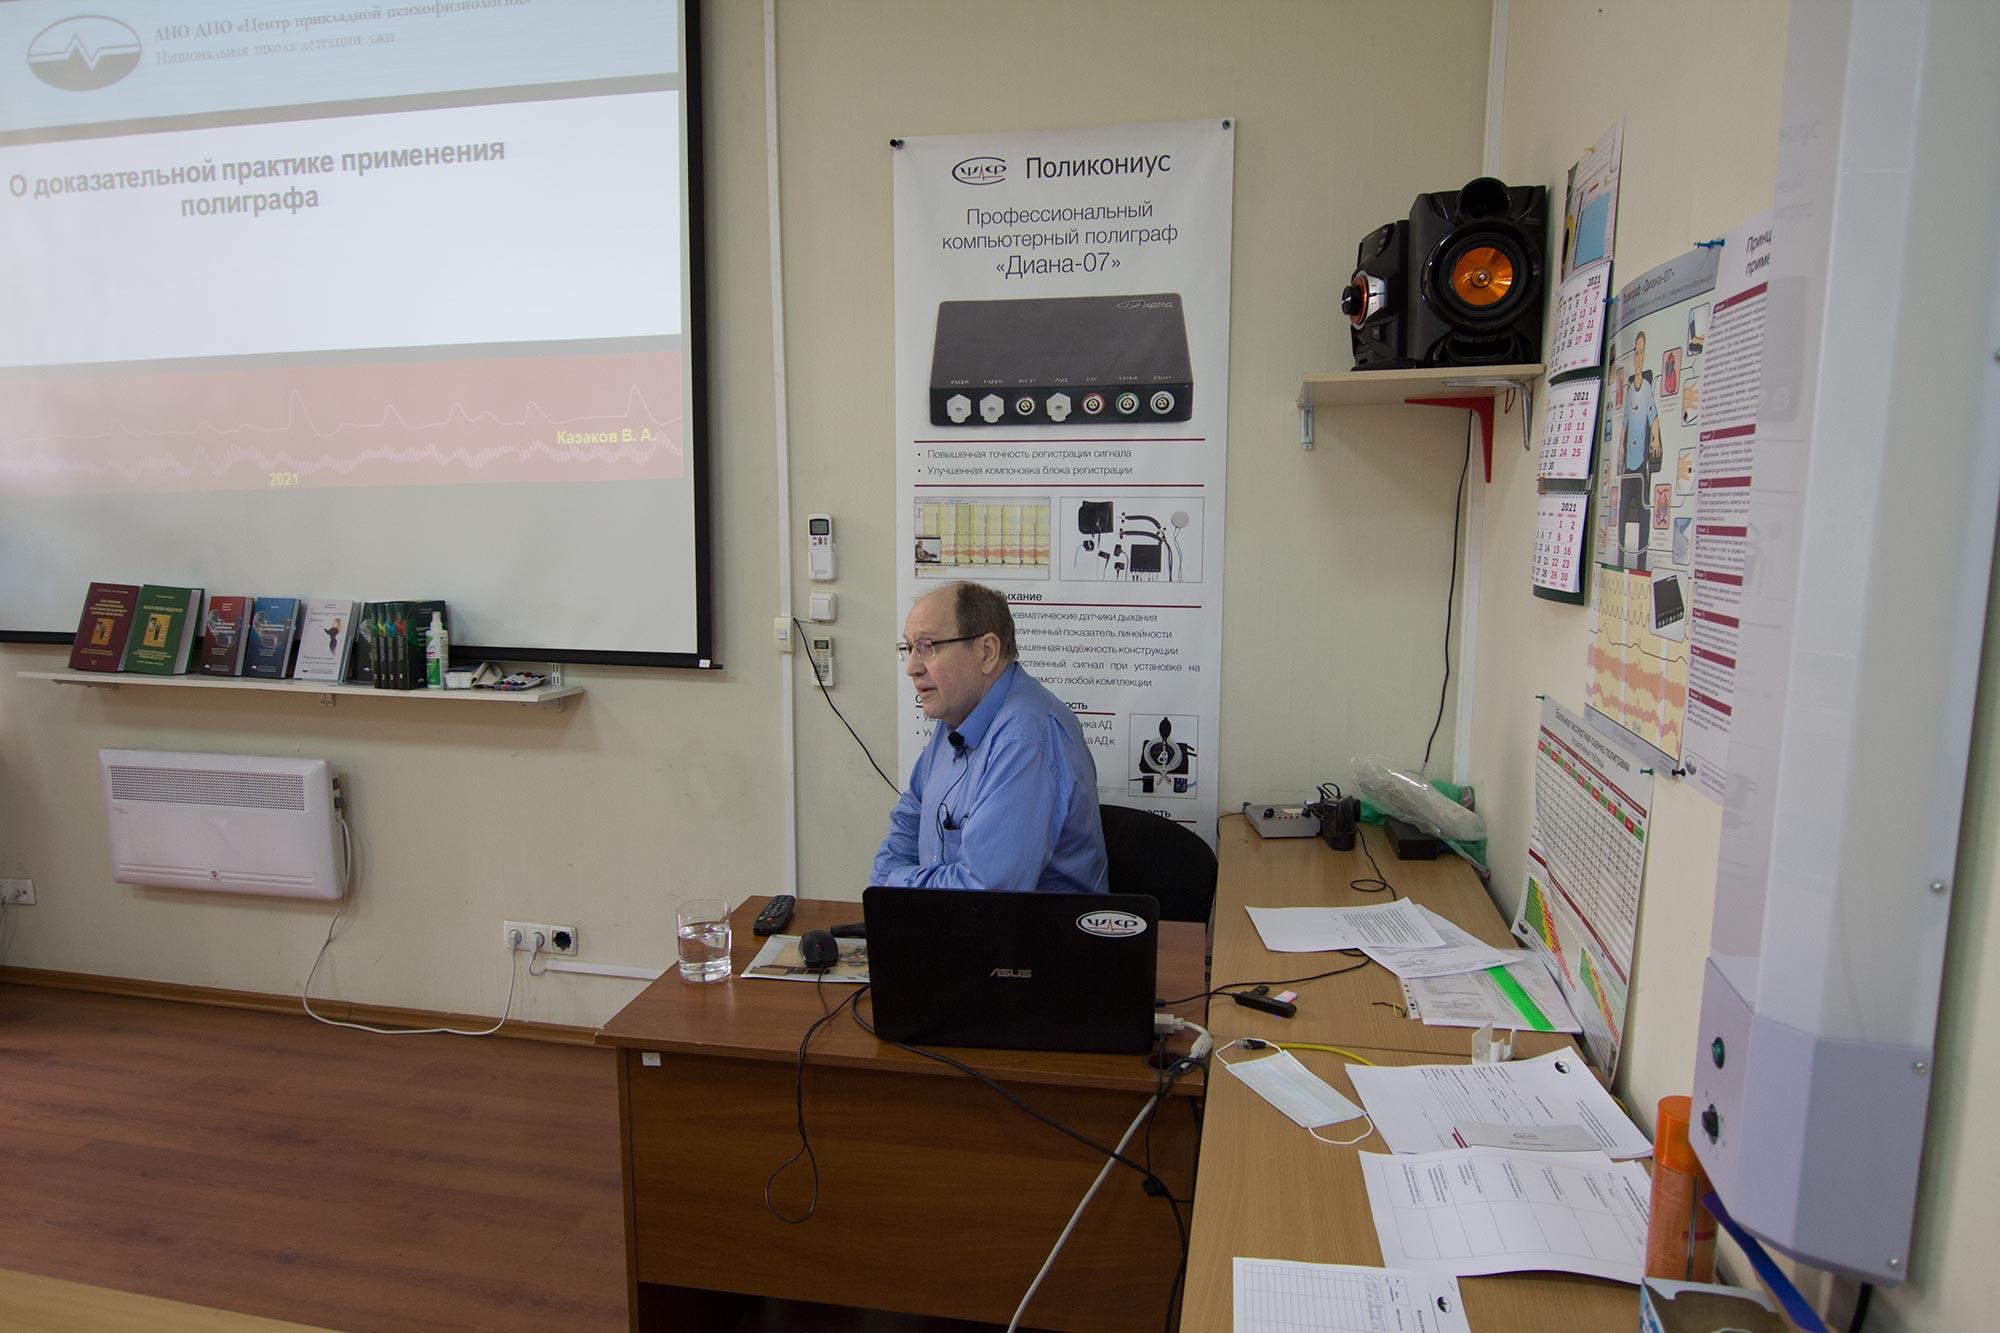 Пеленицын А.Б., Центр прикладной психофизиологии